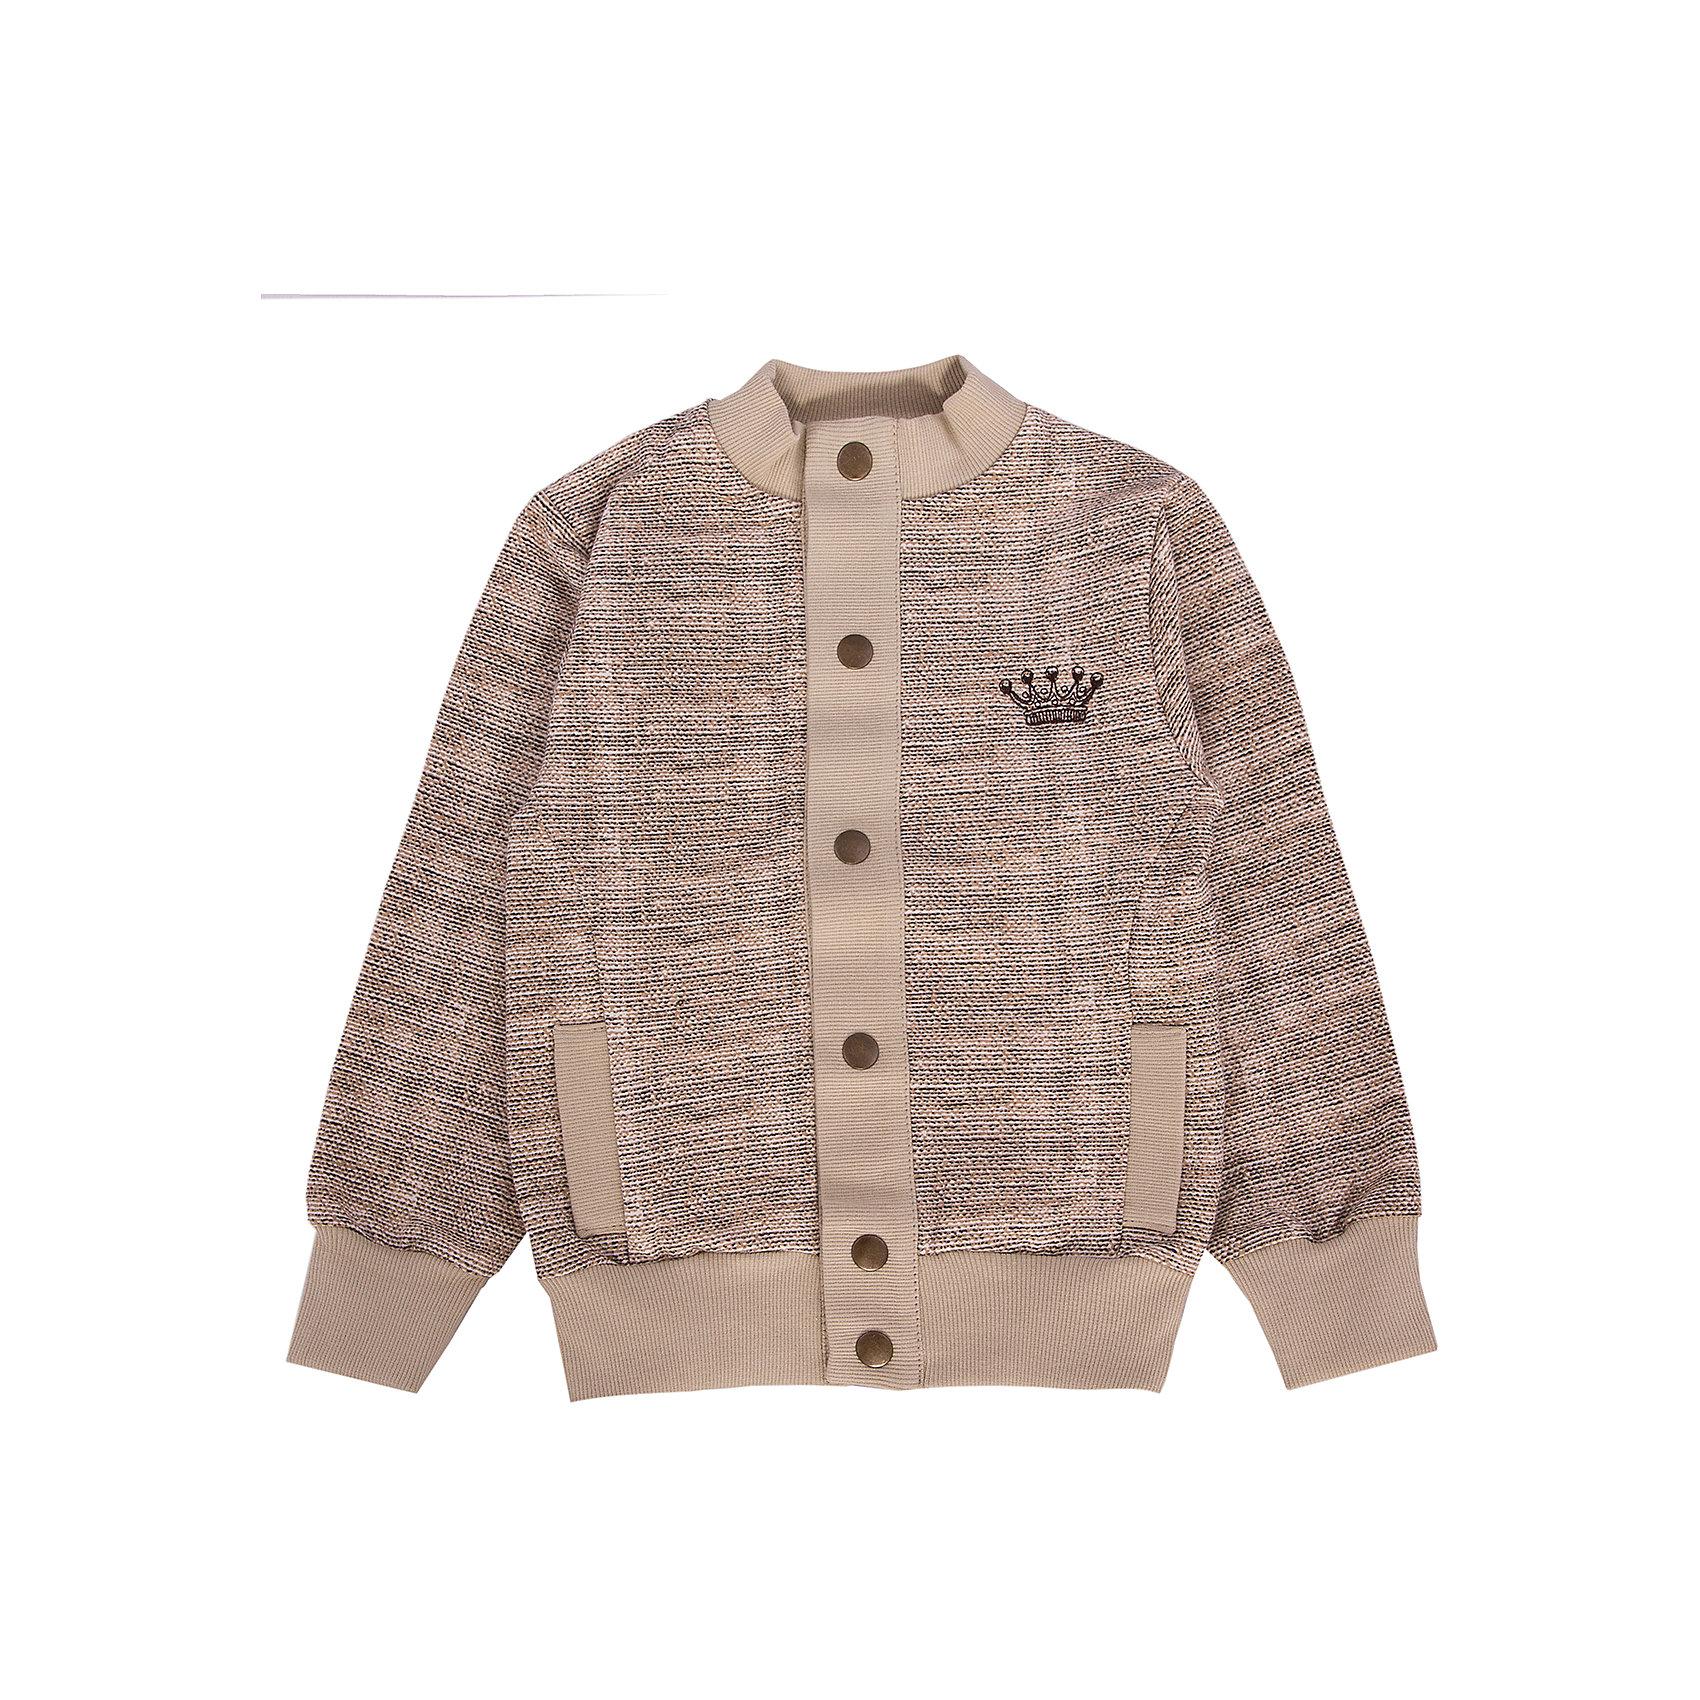 Толстовка для мальчика АпрельКуртка Апрель<br>Куртка из коллекции Король Лев от торговой марки Апрель - идеальный вариант одежды на каждый день в прохладное время года. Стильная куртка выполнена в бежевом цвете, на спине украшена принтом в виде льва. Куртка имеет два кармана, застегивается спереди на пуговицы. Изготовлена из натуральной хлопчатобумажной ткани – футер. Футер - это удивительно комфортная гладкая с внешней стороны, мягкая и нежная - с внутренней стороны ткань. Небольшое добавление лайкры оберегает изделие от образования складок.<br><br>Дополнительная информация:<br><br>- Пол: мальчик<br>- Цвет: бежевый<br>- Ткань: футер<br>- Состав: 95% хлопок 5% лайкра<br><br>Куртку Апрель можно купить в нашем интернет-магазине.<br><br>Ширина мм: 215<br>Глубина мм: 88<br>Высота мм: 191<br>Вес г: 336<br>Цвет: бежевый<br>Возраст от месяцев: 84<br>Возраст до месяцев: 96<br>Пол: Мужской<br>Возраст: Детский<br>Размер: 128,98,104,110,116,122<br>SKU: 4726368